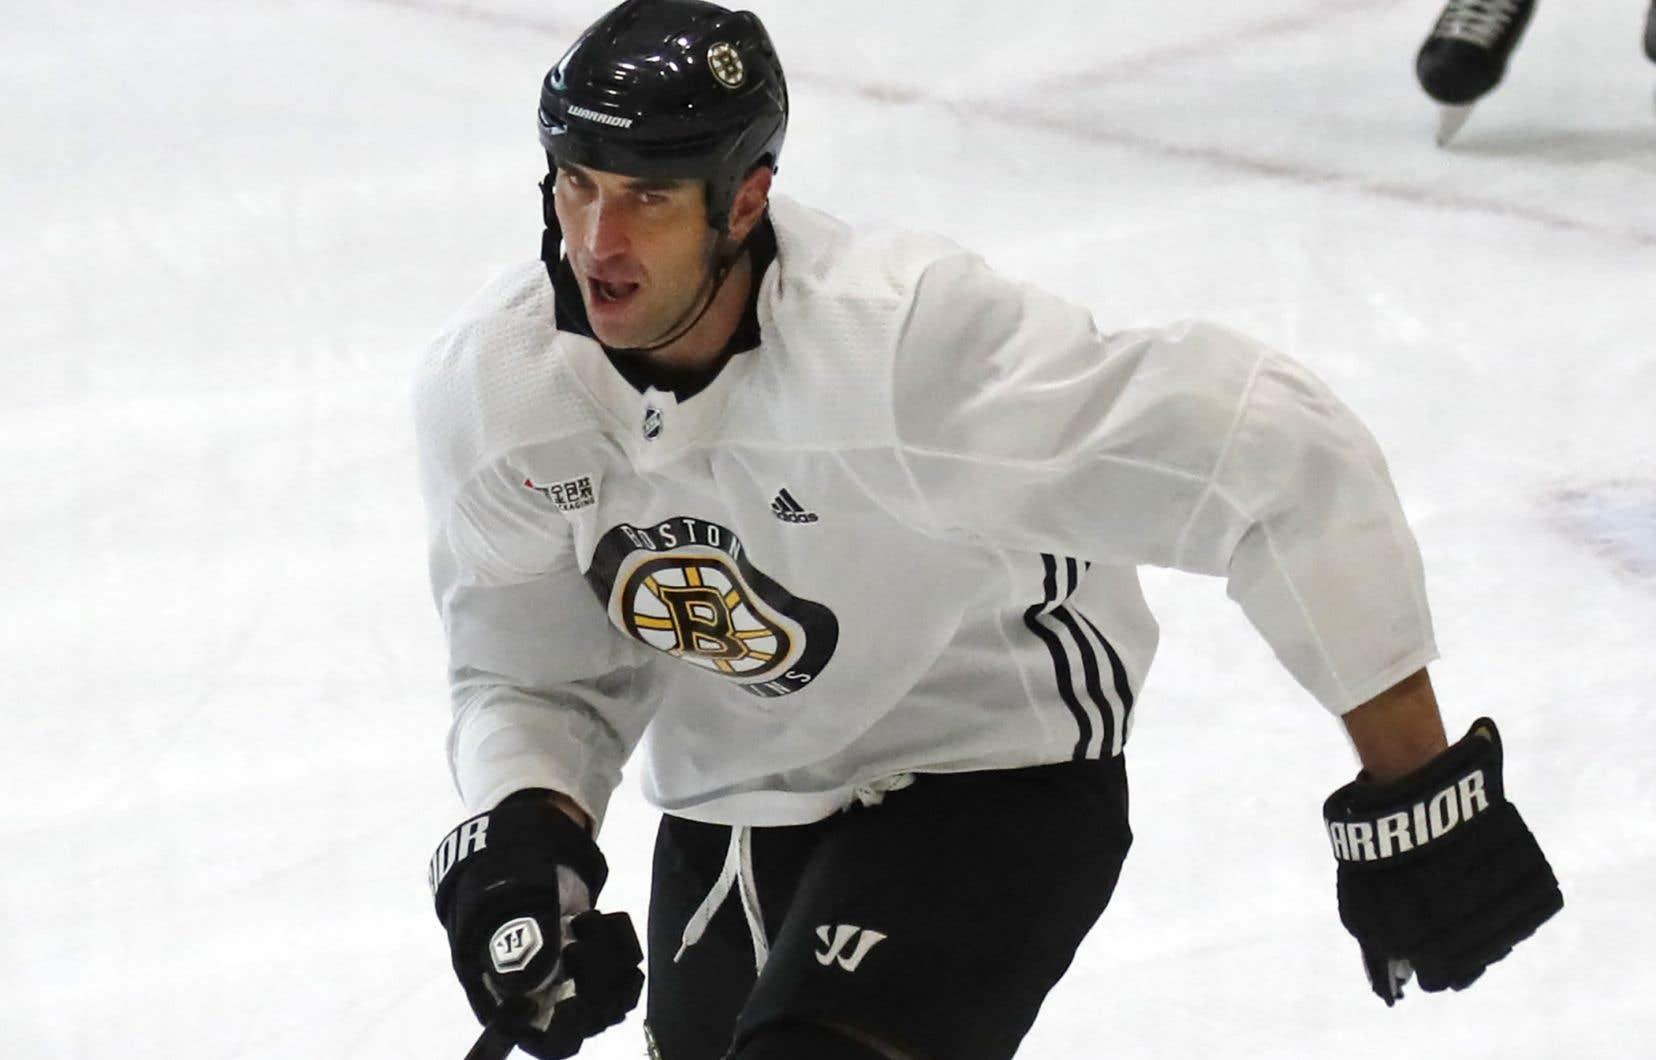 On ne connaît pas encore les intentions de Zdeno Chara, le capitaine des Bruins maintenant âgé de 43ans.